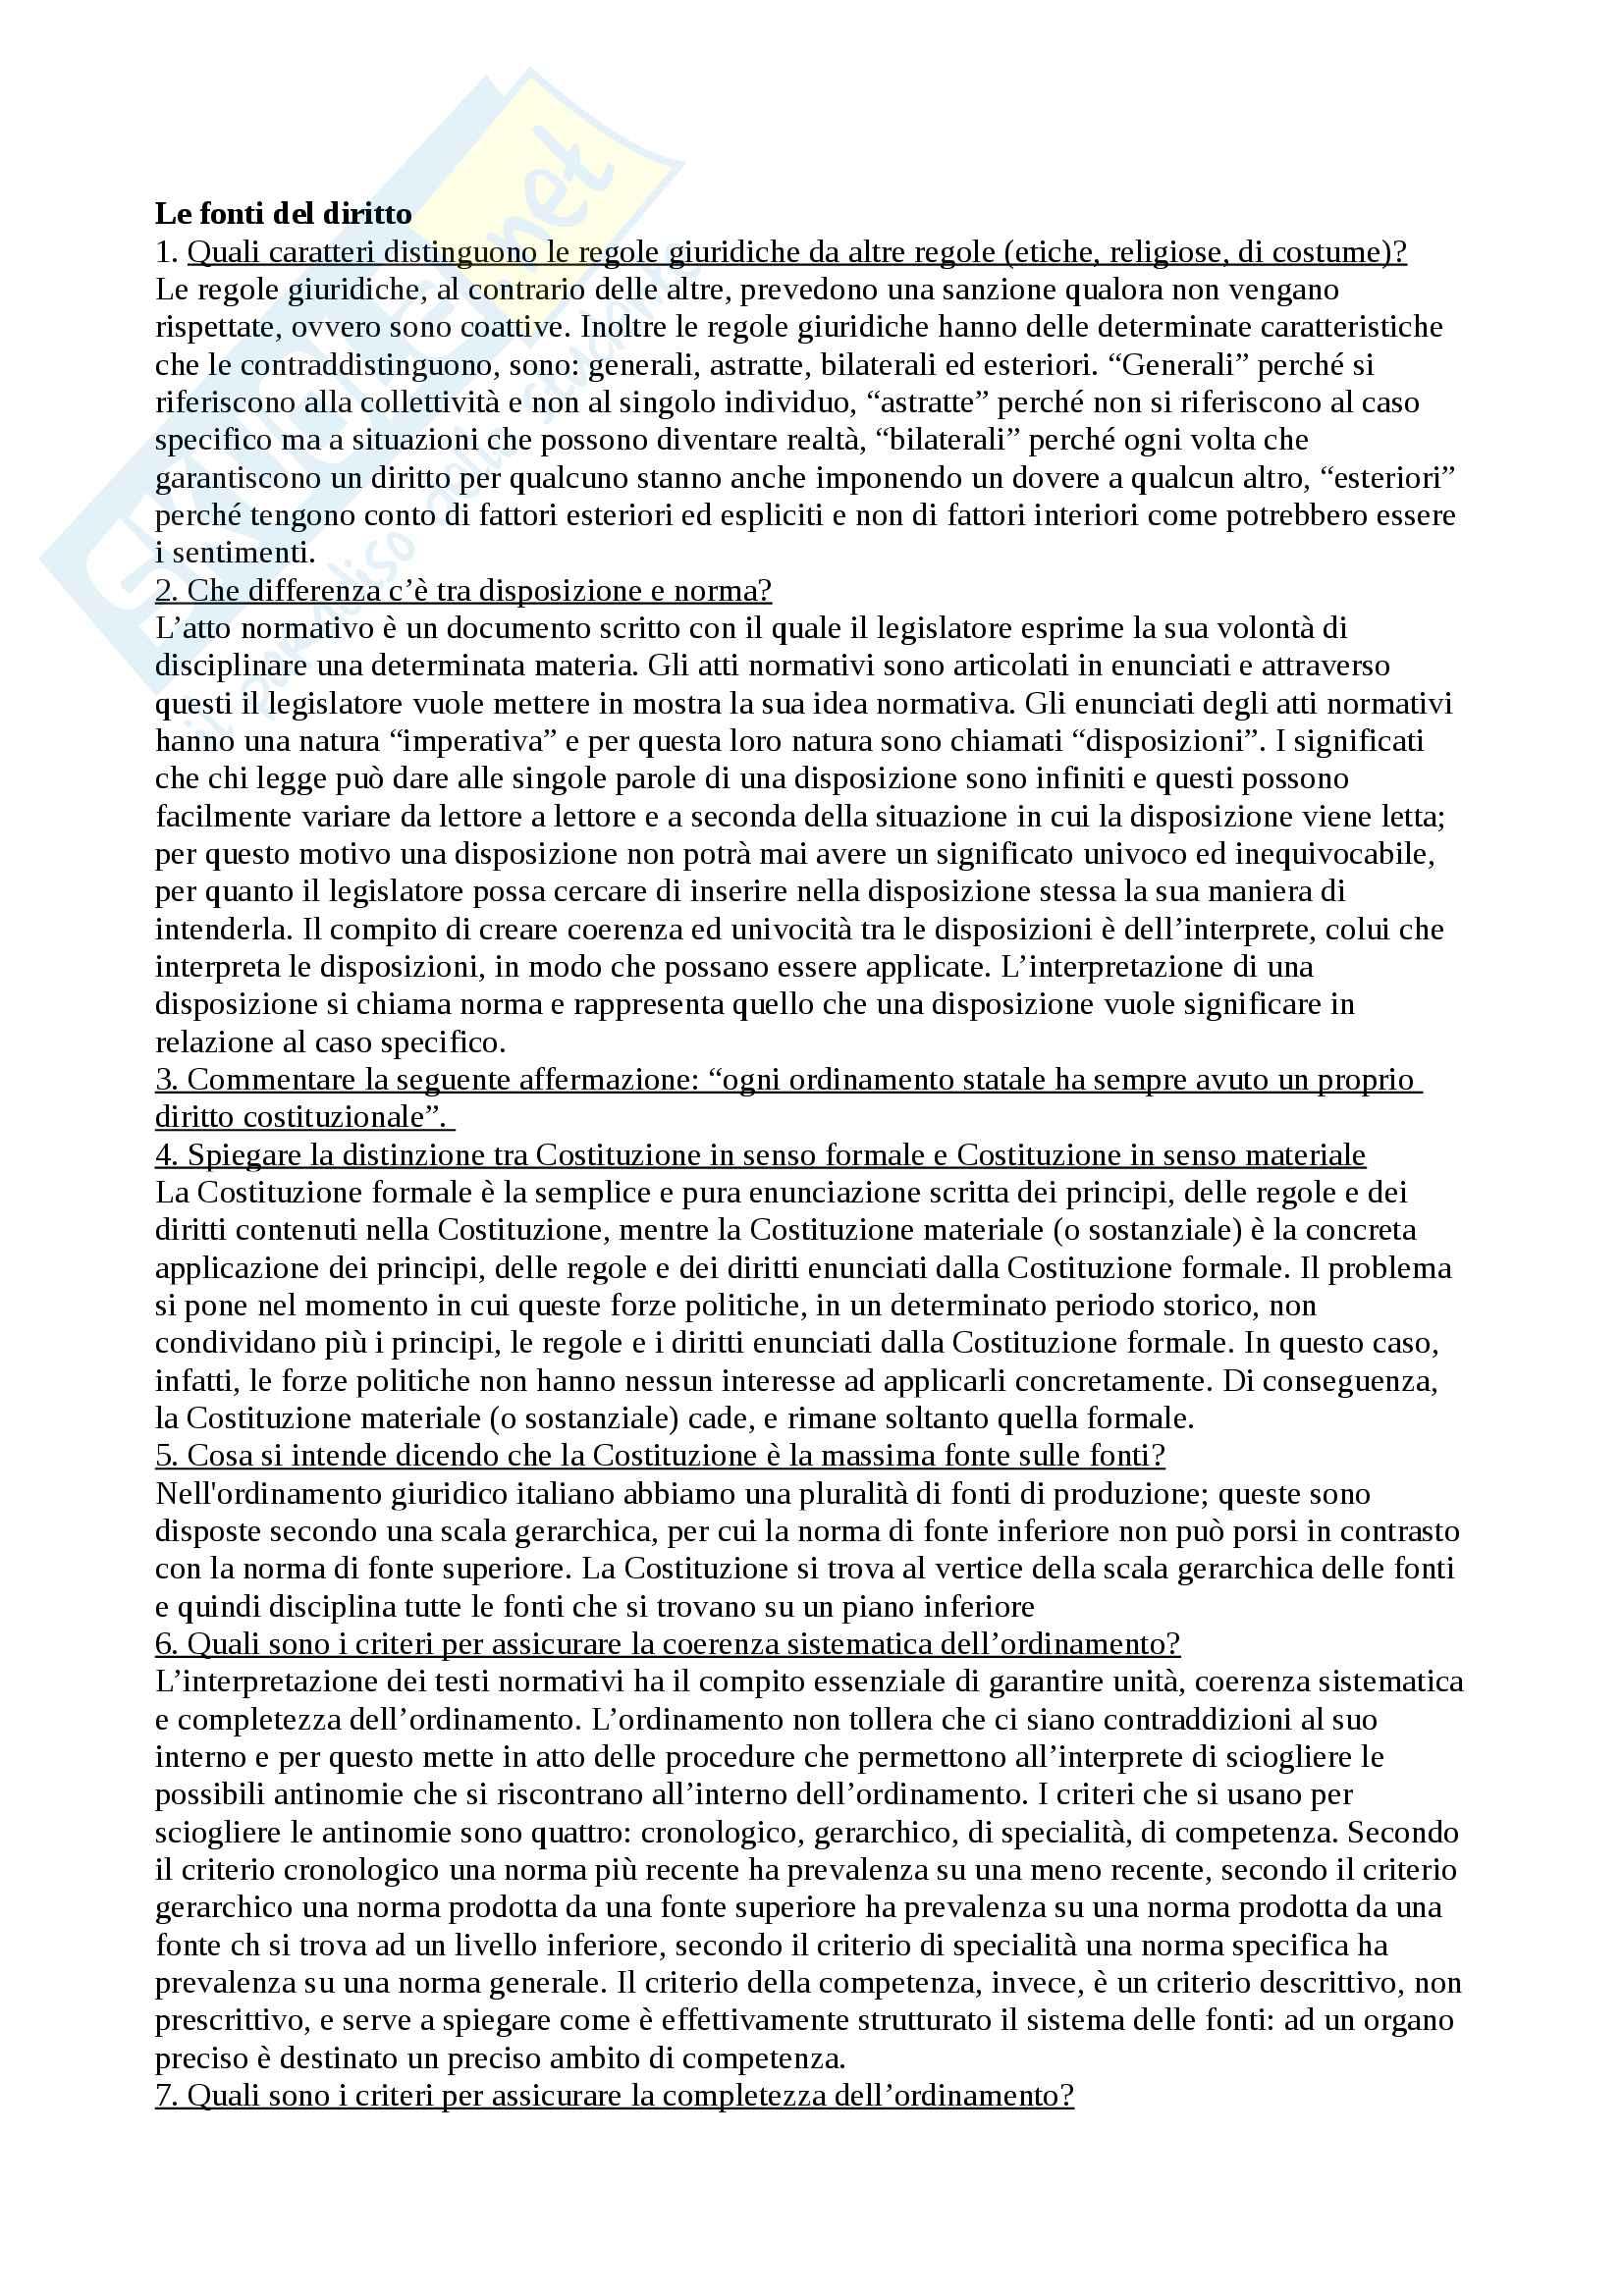 Domande & Risposte Diritto Pubblico - Sergio Gerotto - Unipd